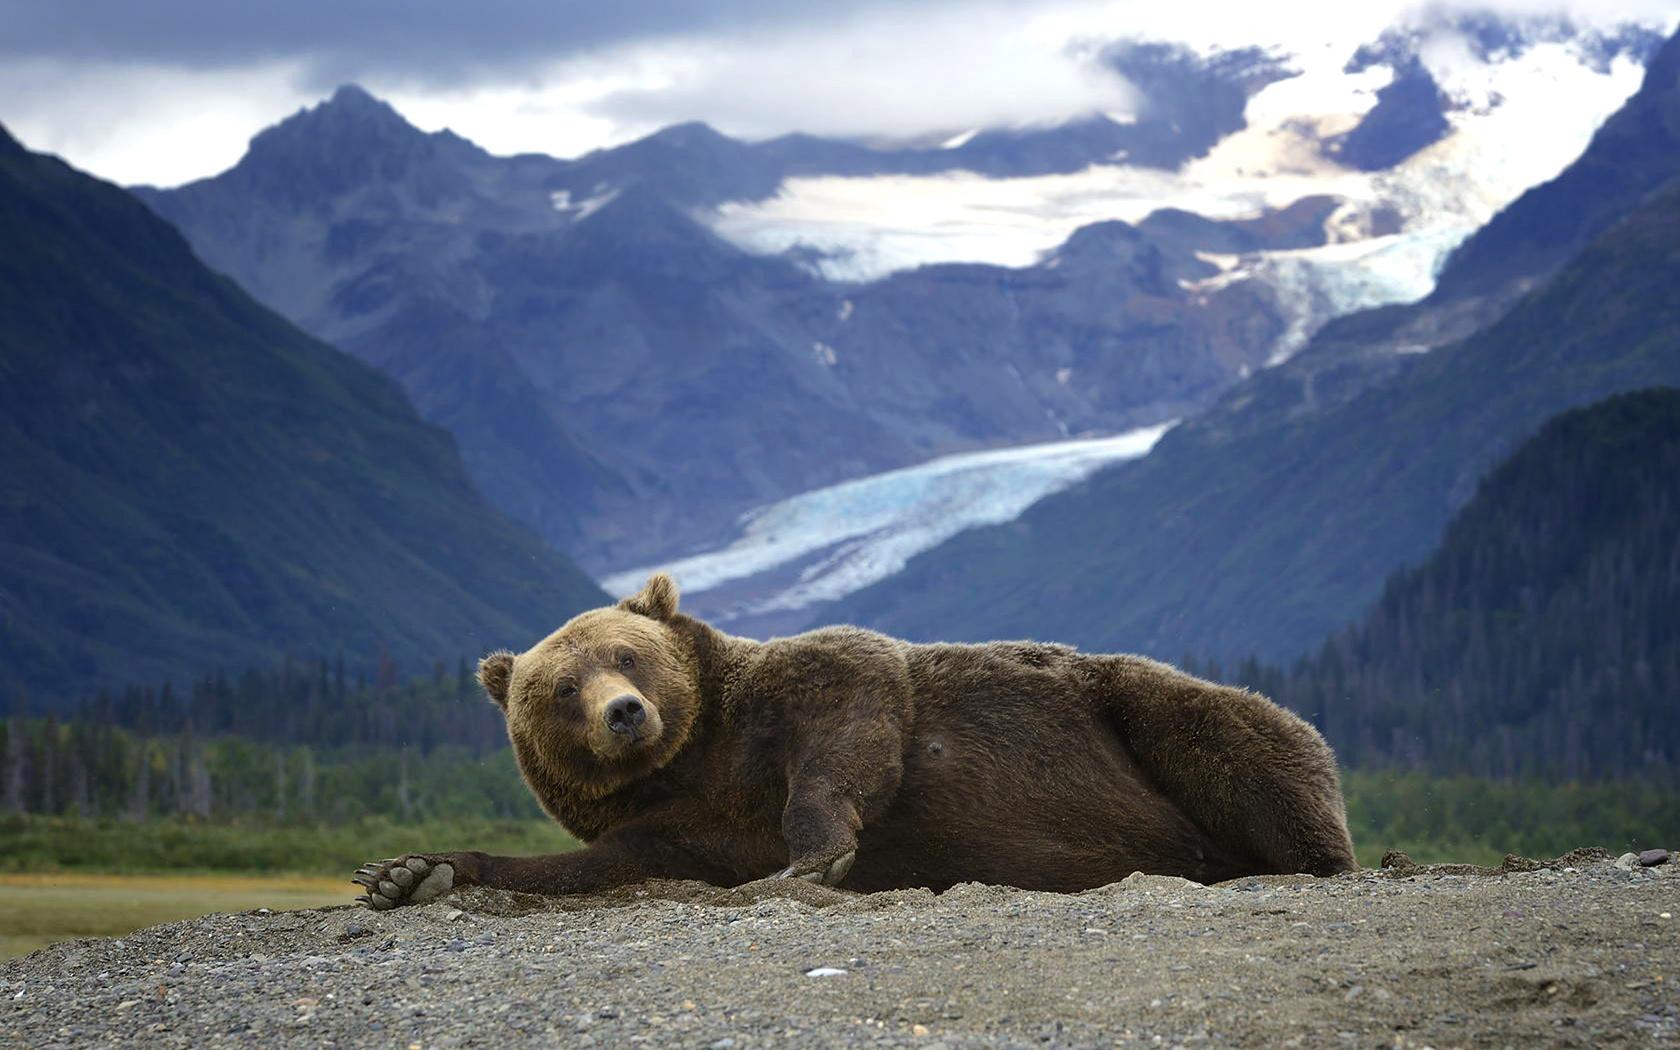 животное, хищник, медведь, гризли, природа, аляска, горы